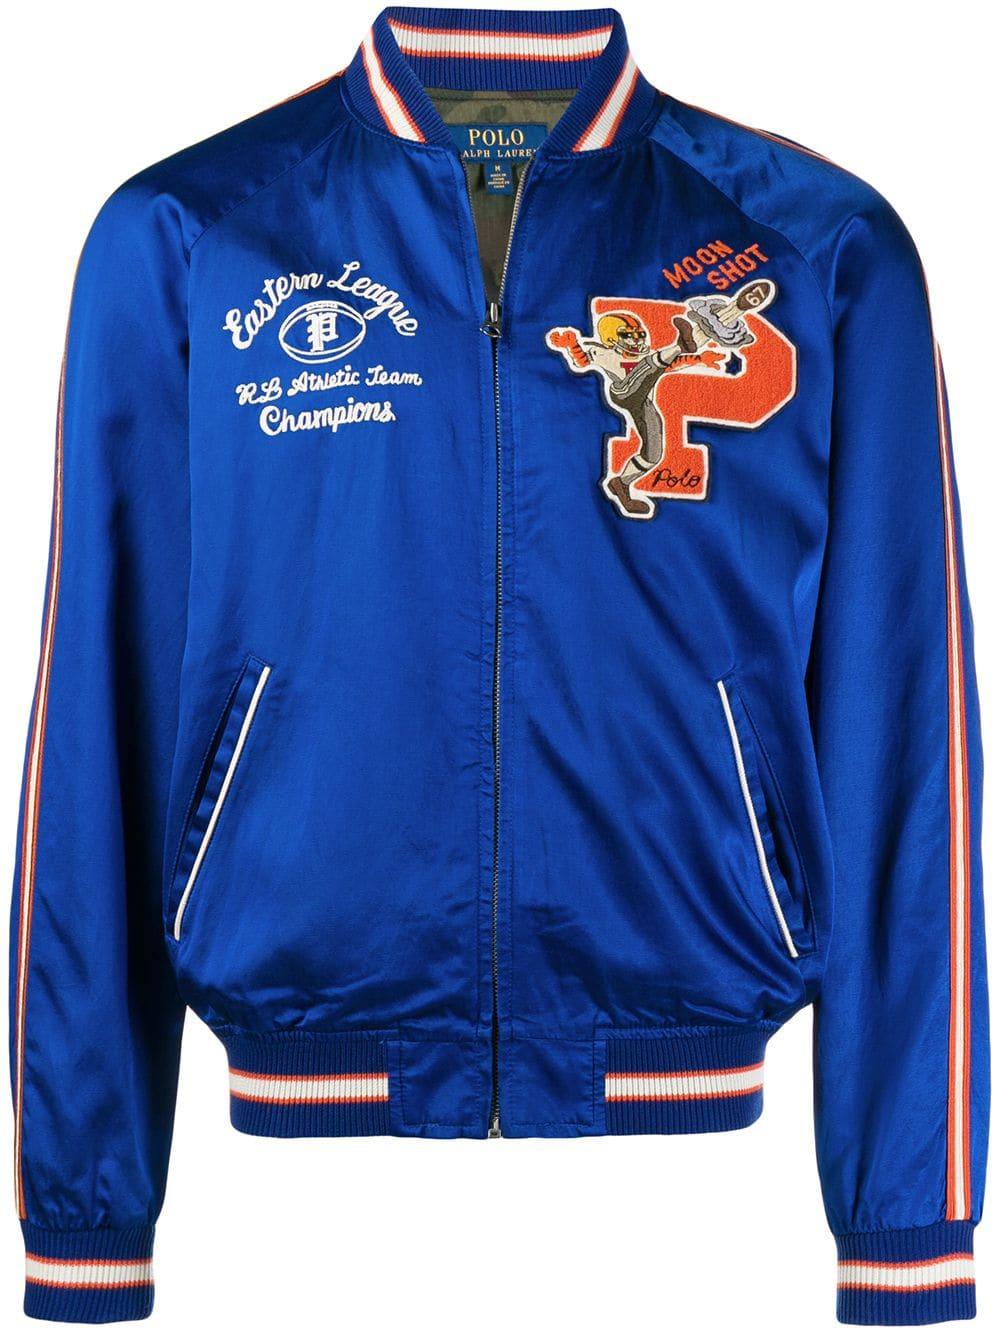 Polo Ralph Lauren Letterman Bomber Jacket In Blue Modesens Bomber Jacket Polo Ralph Lauren Ralph Lauren Store [ 1334 x 1000 Pixel ]